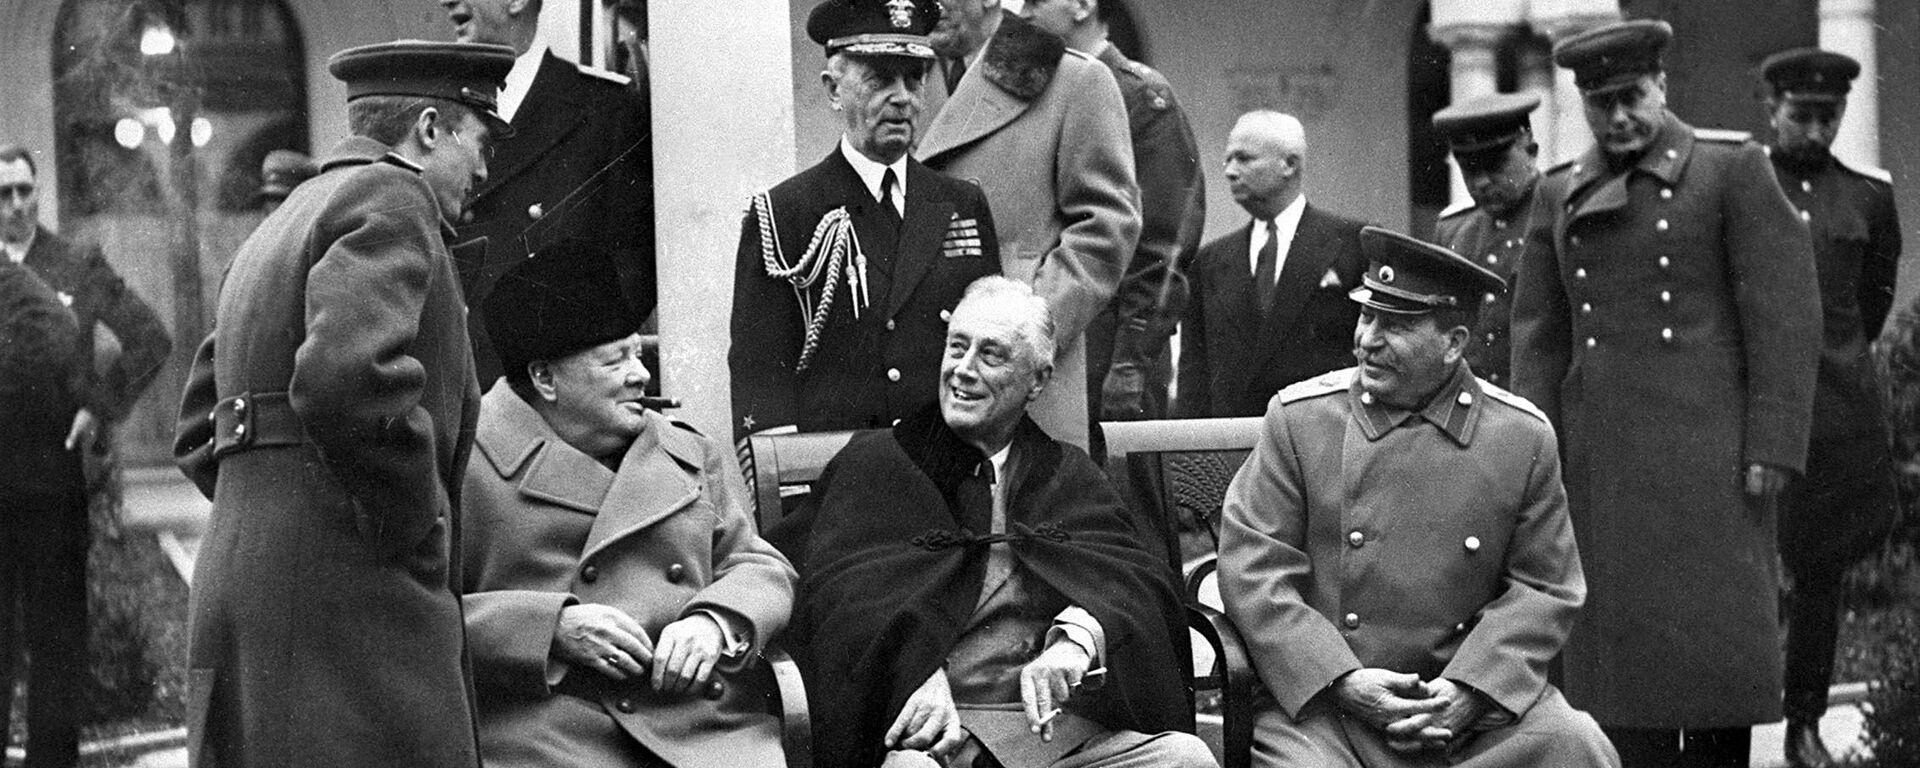 Jaltská konference r. 1945 - Sputnik Česká republika, 1920, 26.05.2021